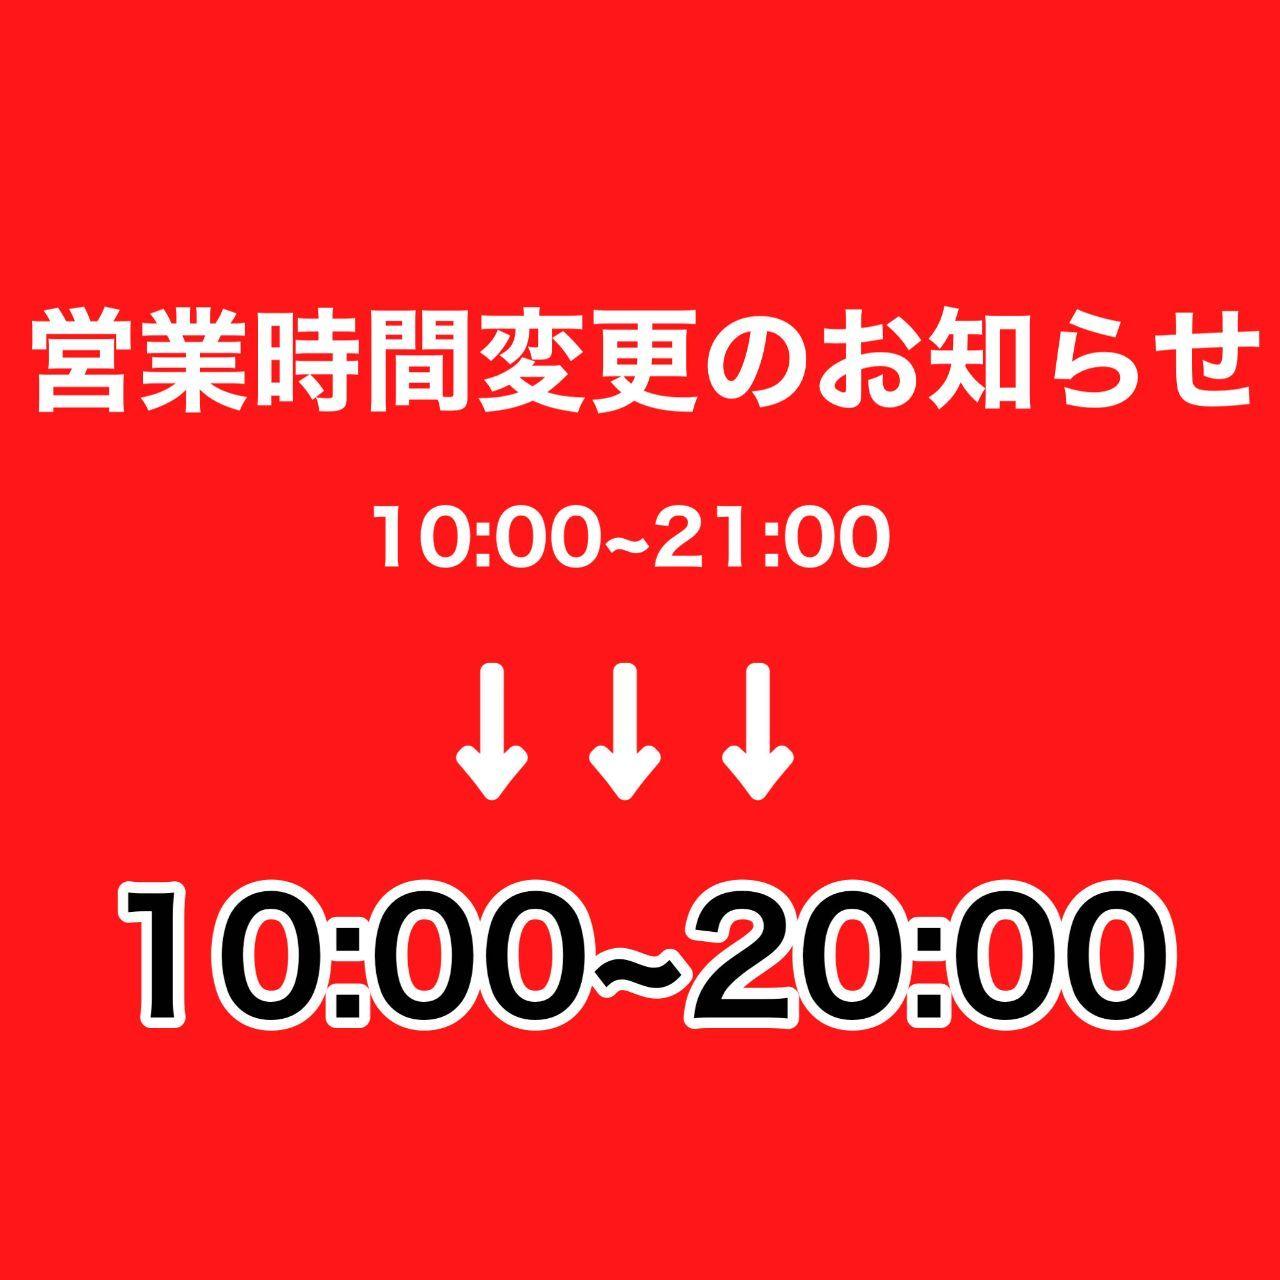 「蔓延防止等重点措置の為営業時間変更のお知らせ」の写真